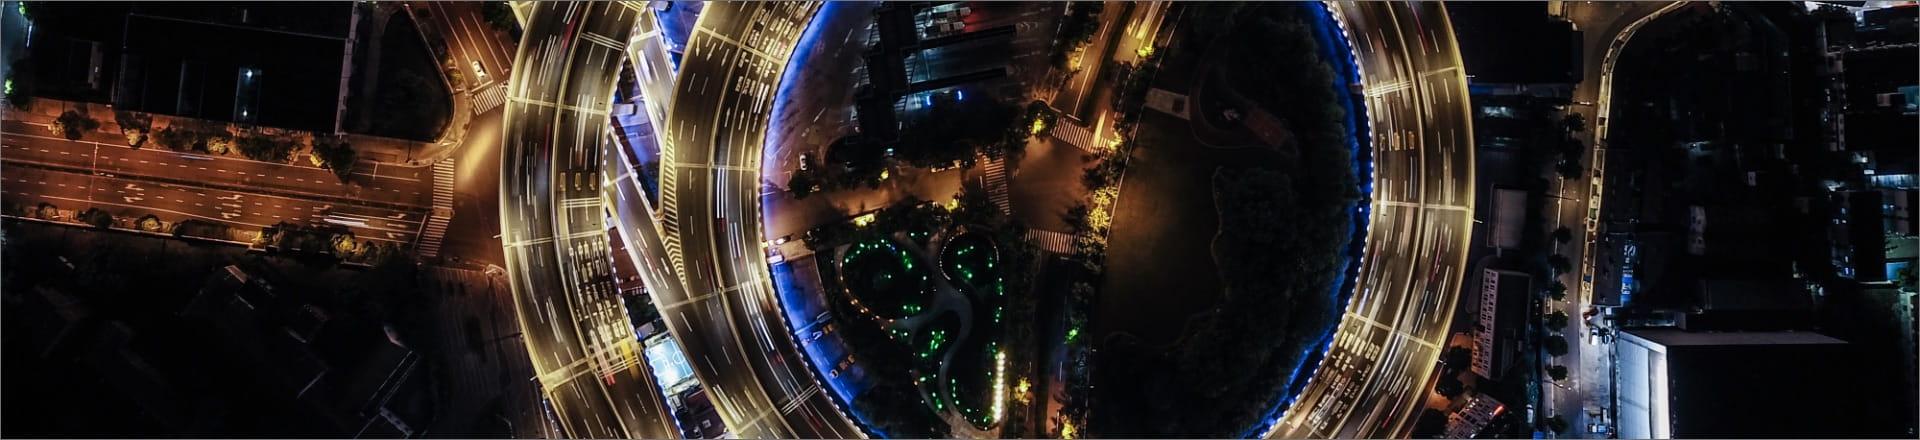 Street lights loop